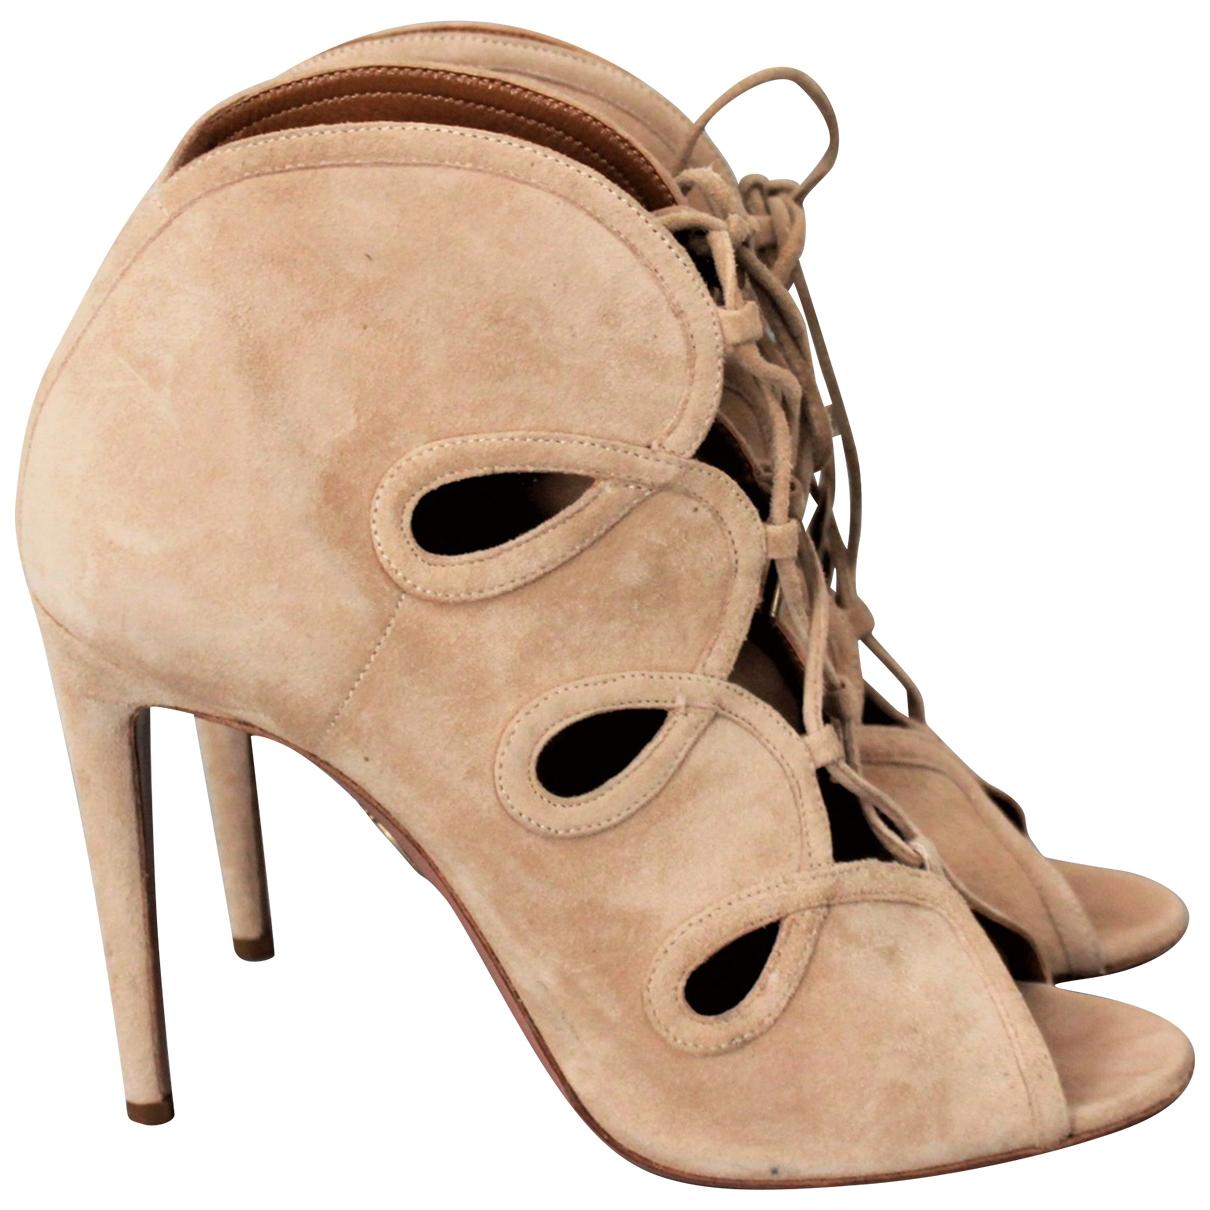 Aquazzura \N Beige Suede Sandals for Women 39 EU